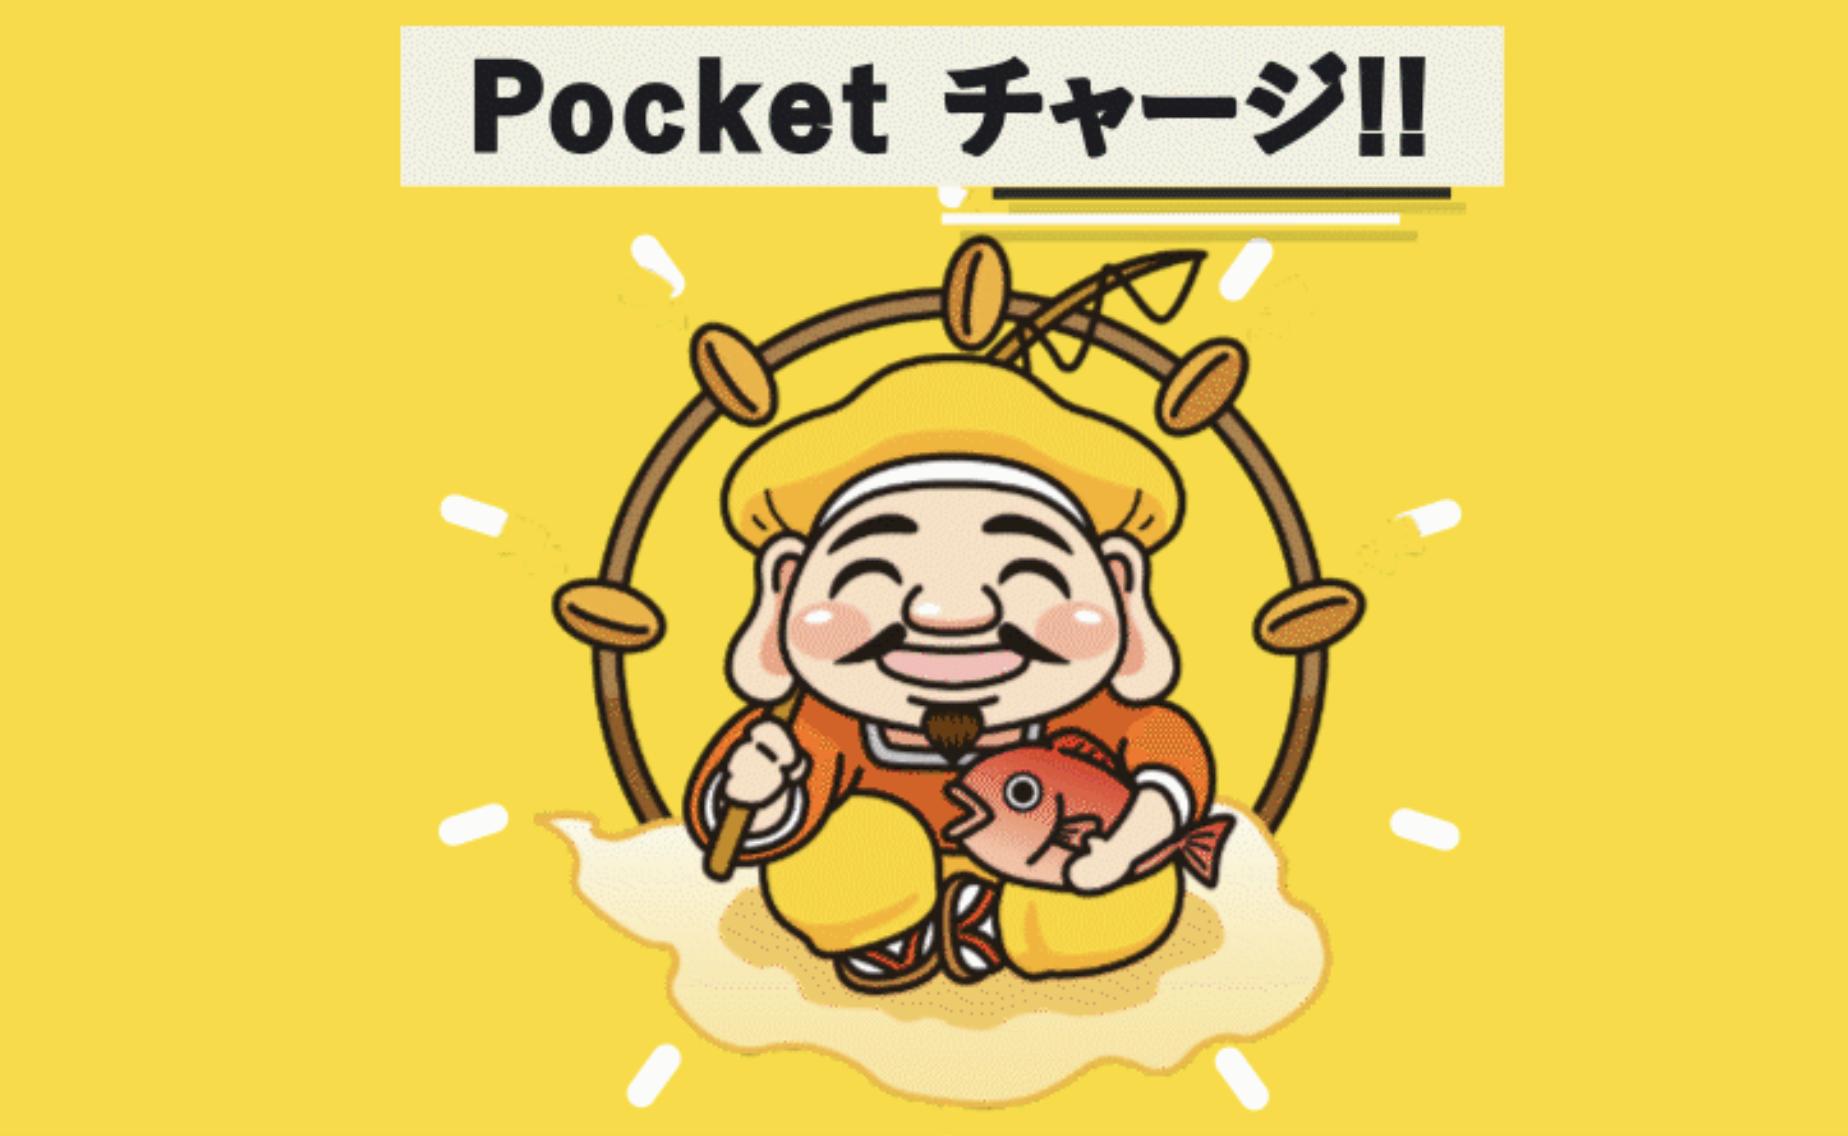 ポケットチャージ